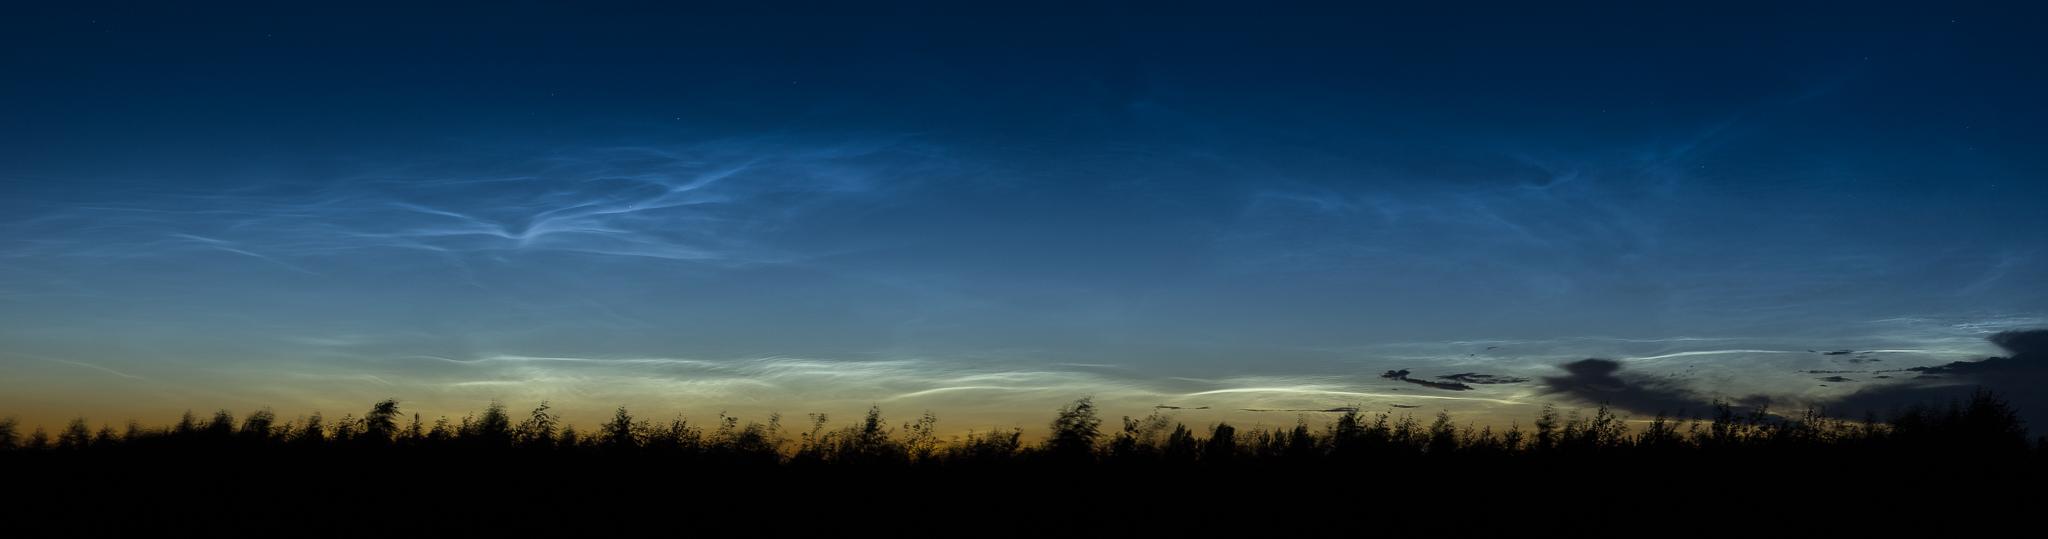 dsc5833-panorama.jpg